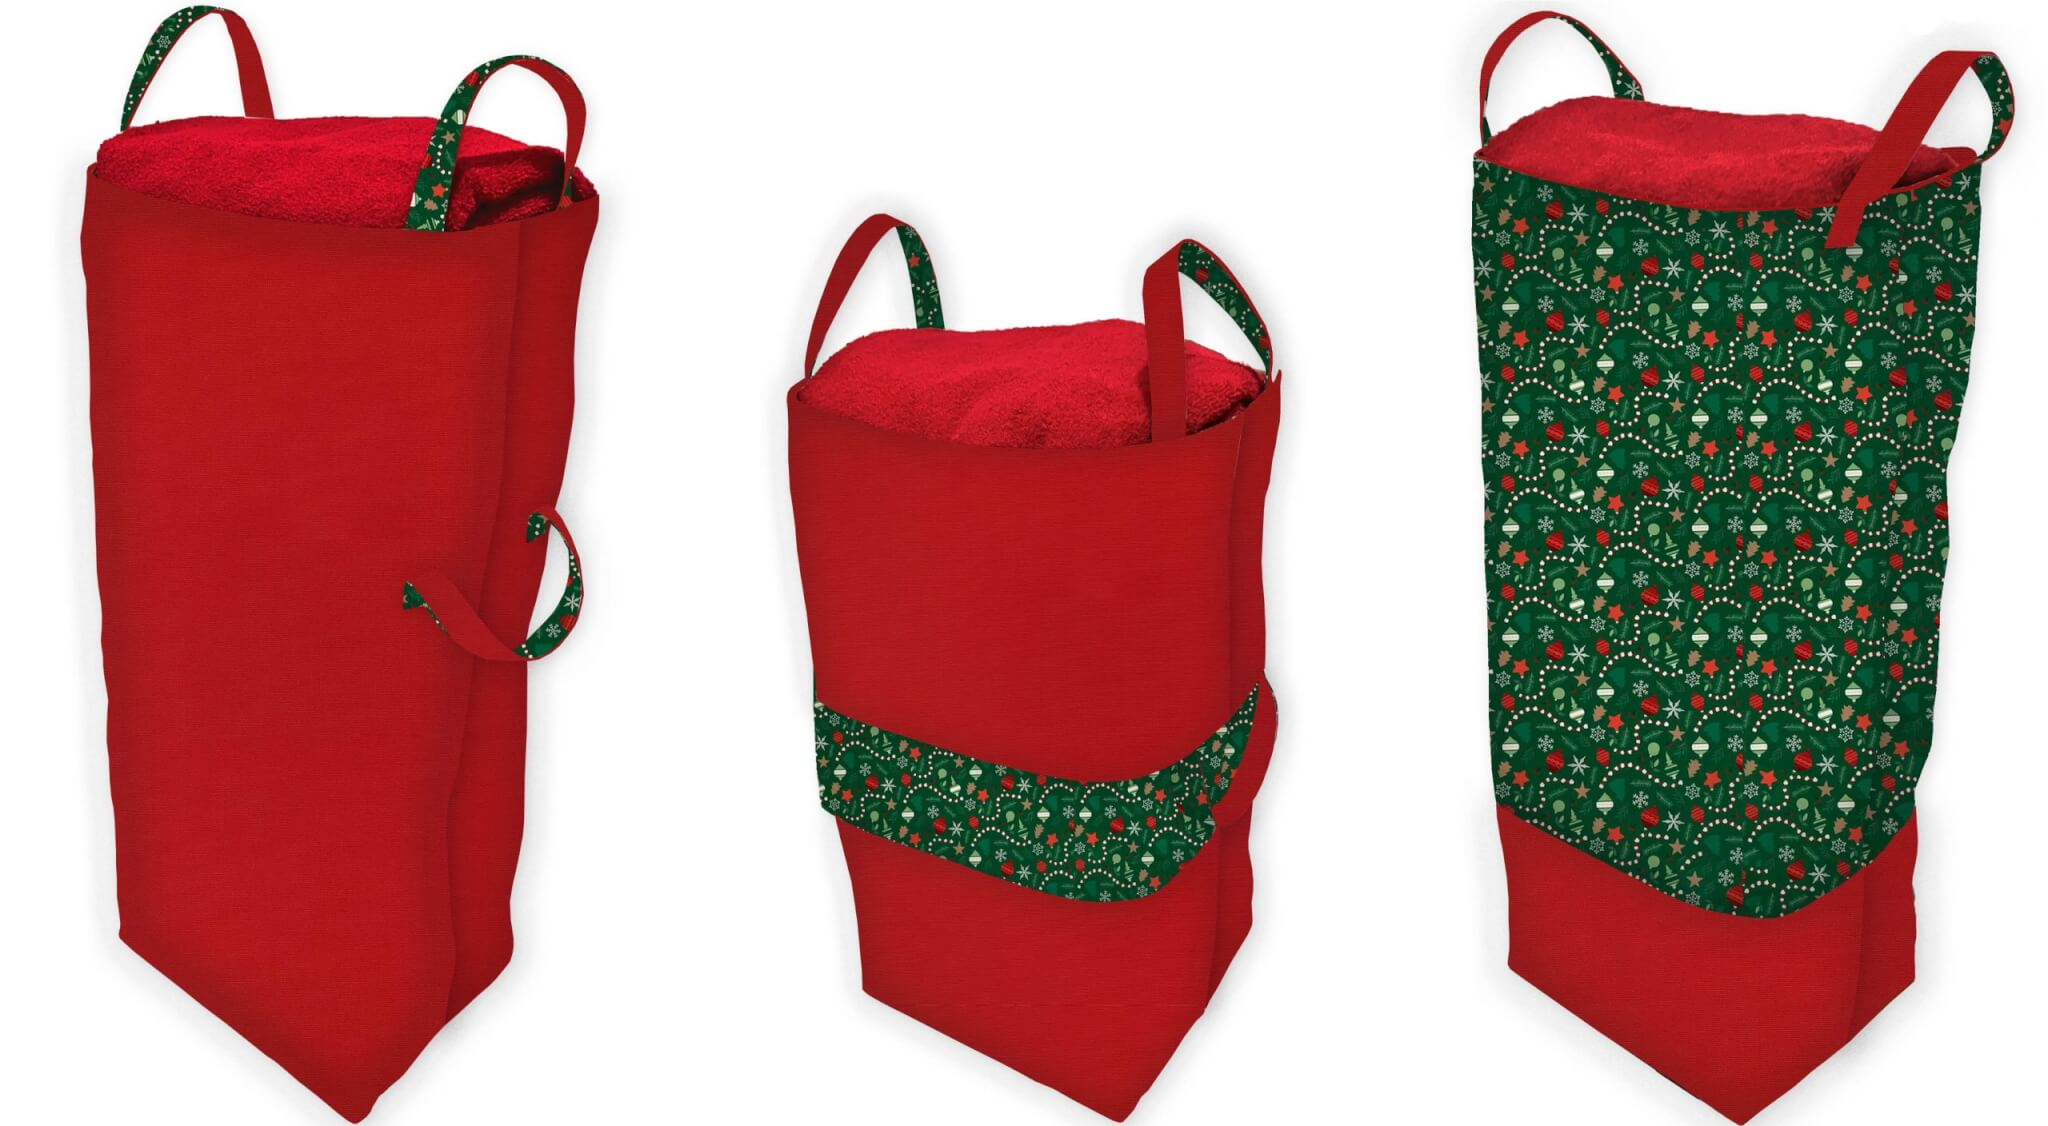 Christmas Traditions Big Bigger Santa Bag Sewing Tutorial at the Nancy Zieman Productions Blog